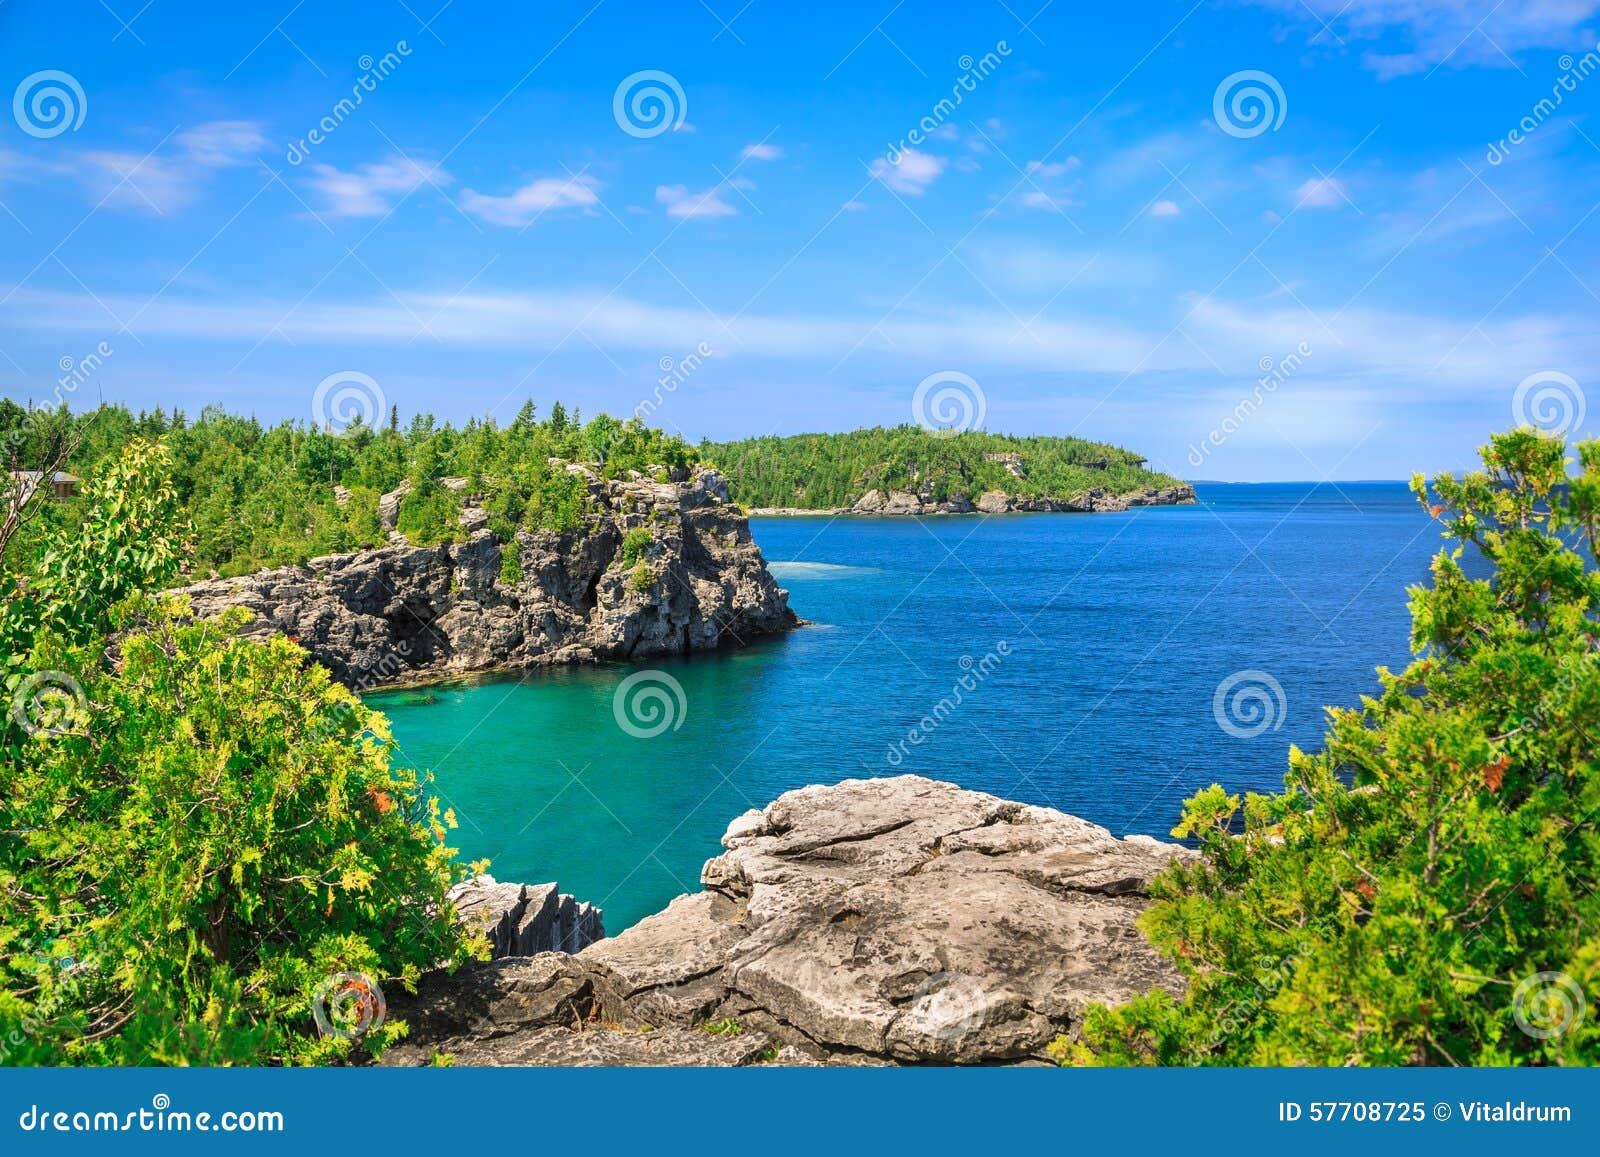 Herrliche Landschaftsansicht vom großen einladenden Cyprus See ruhig, Türkiswasser bei schönem Bruce Peninsula, Ontario